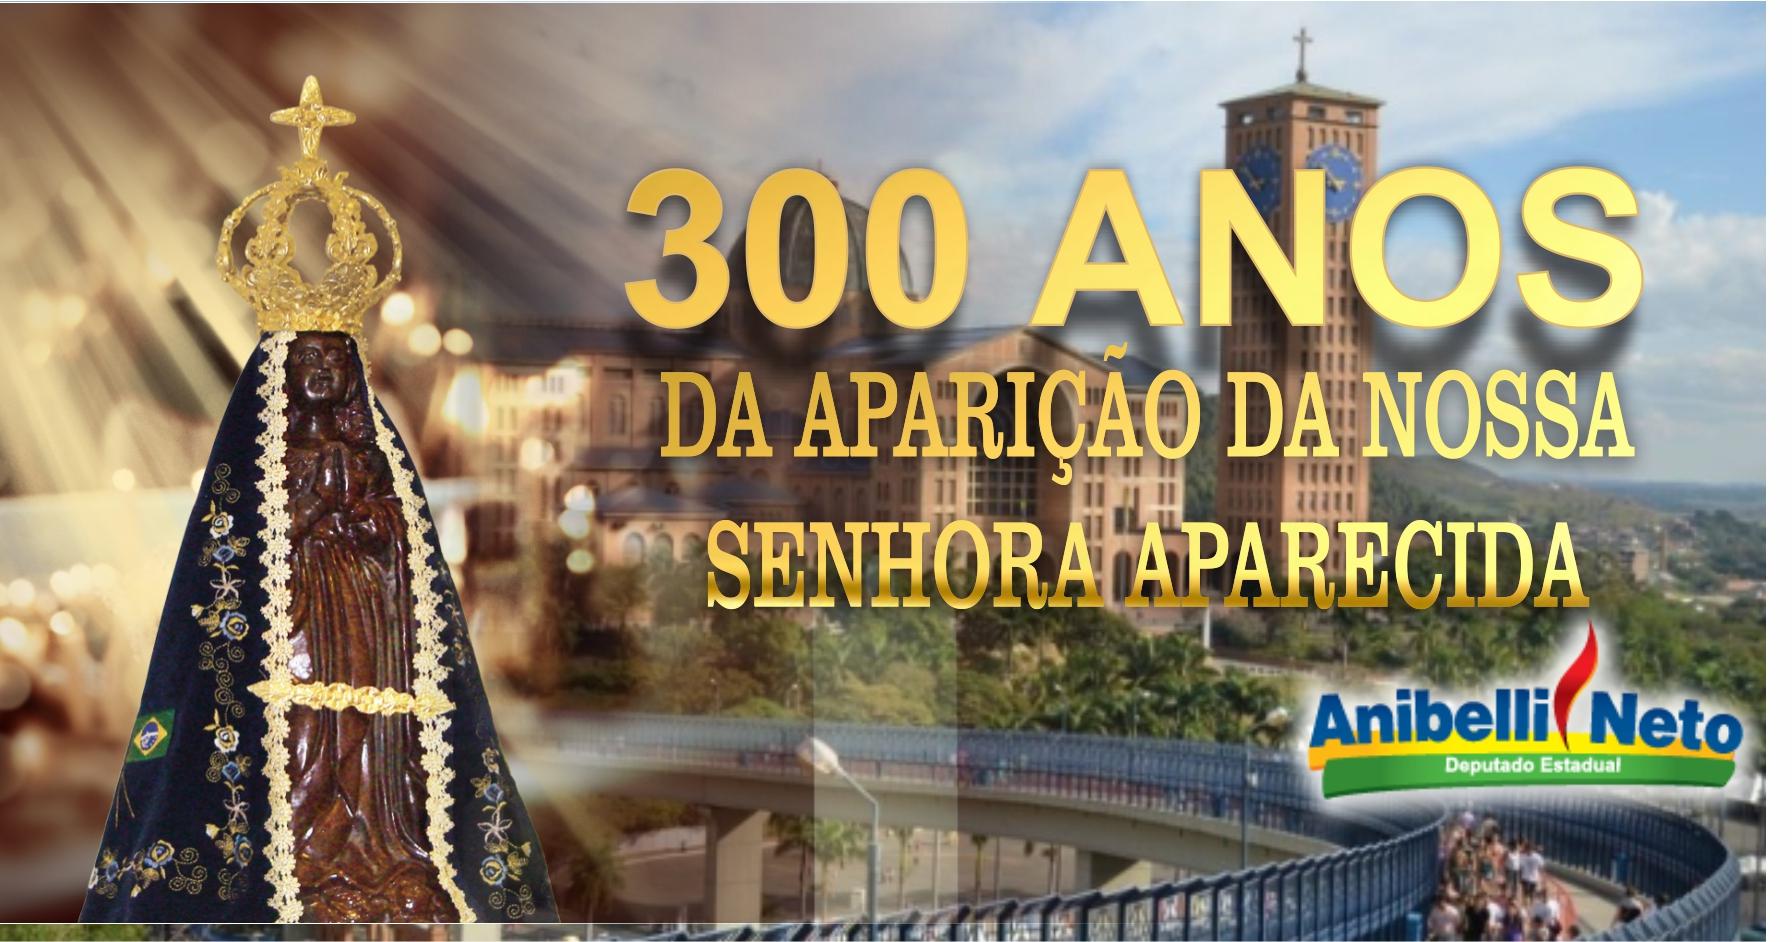 300 anos da Aparição da Nossa Senhora Aparecida Padroeira do Brasil.